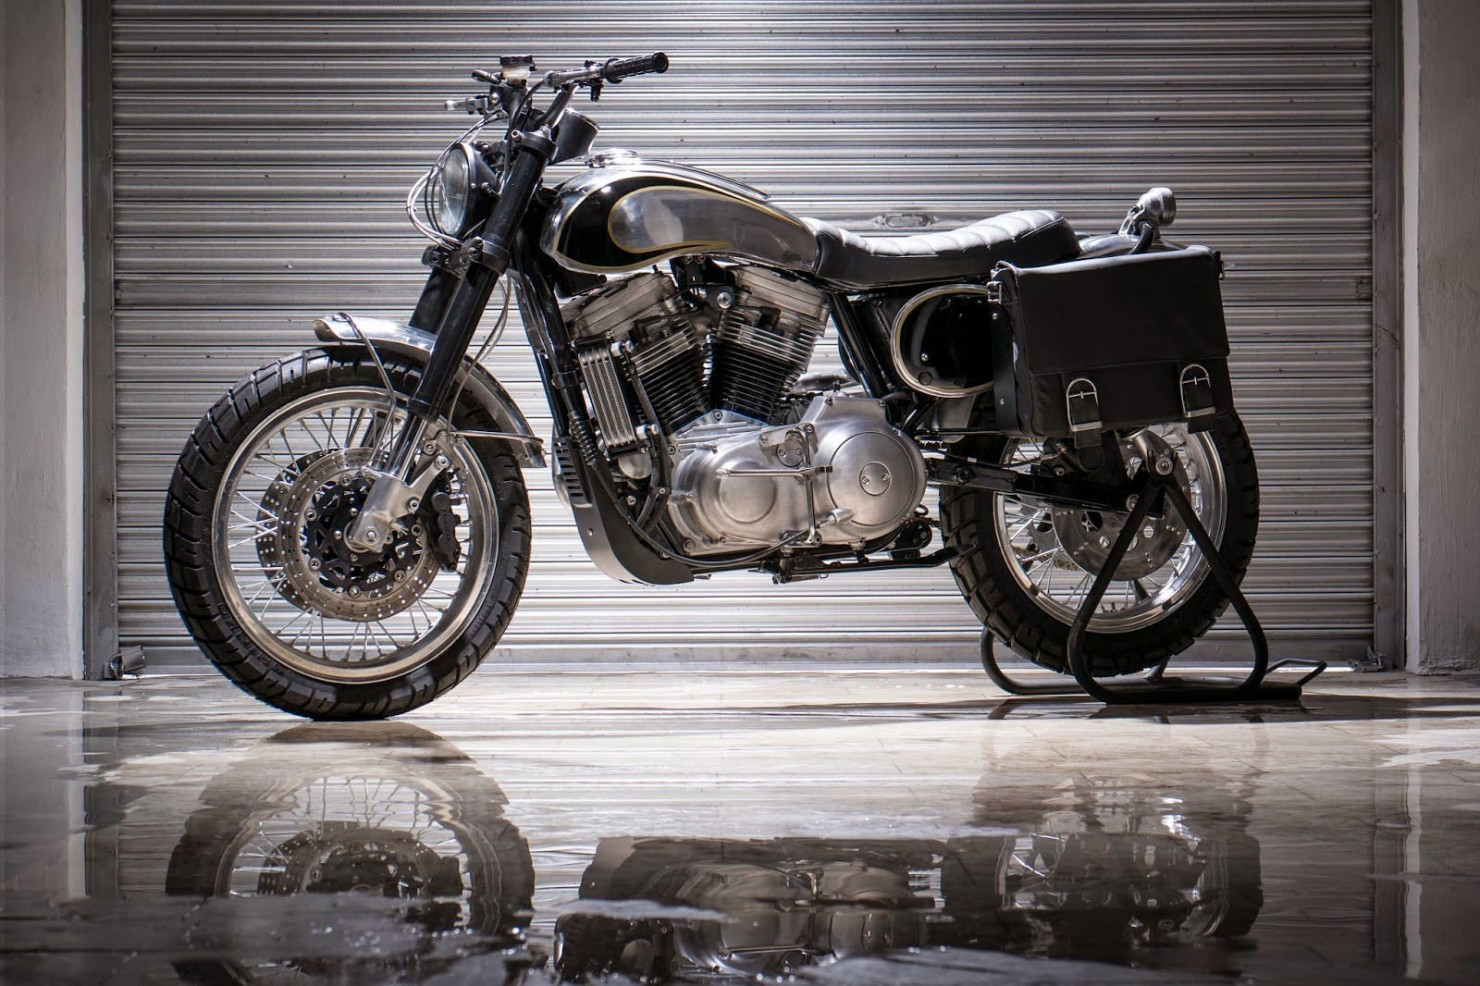 Harley-Davidson-Scrambler-Motorcycle-14